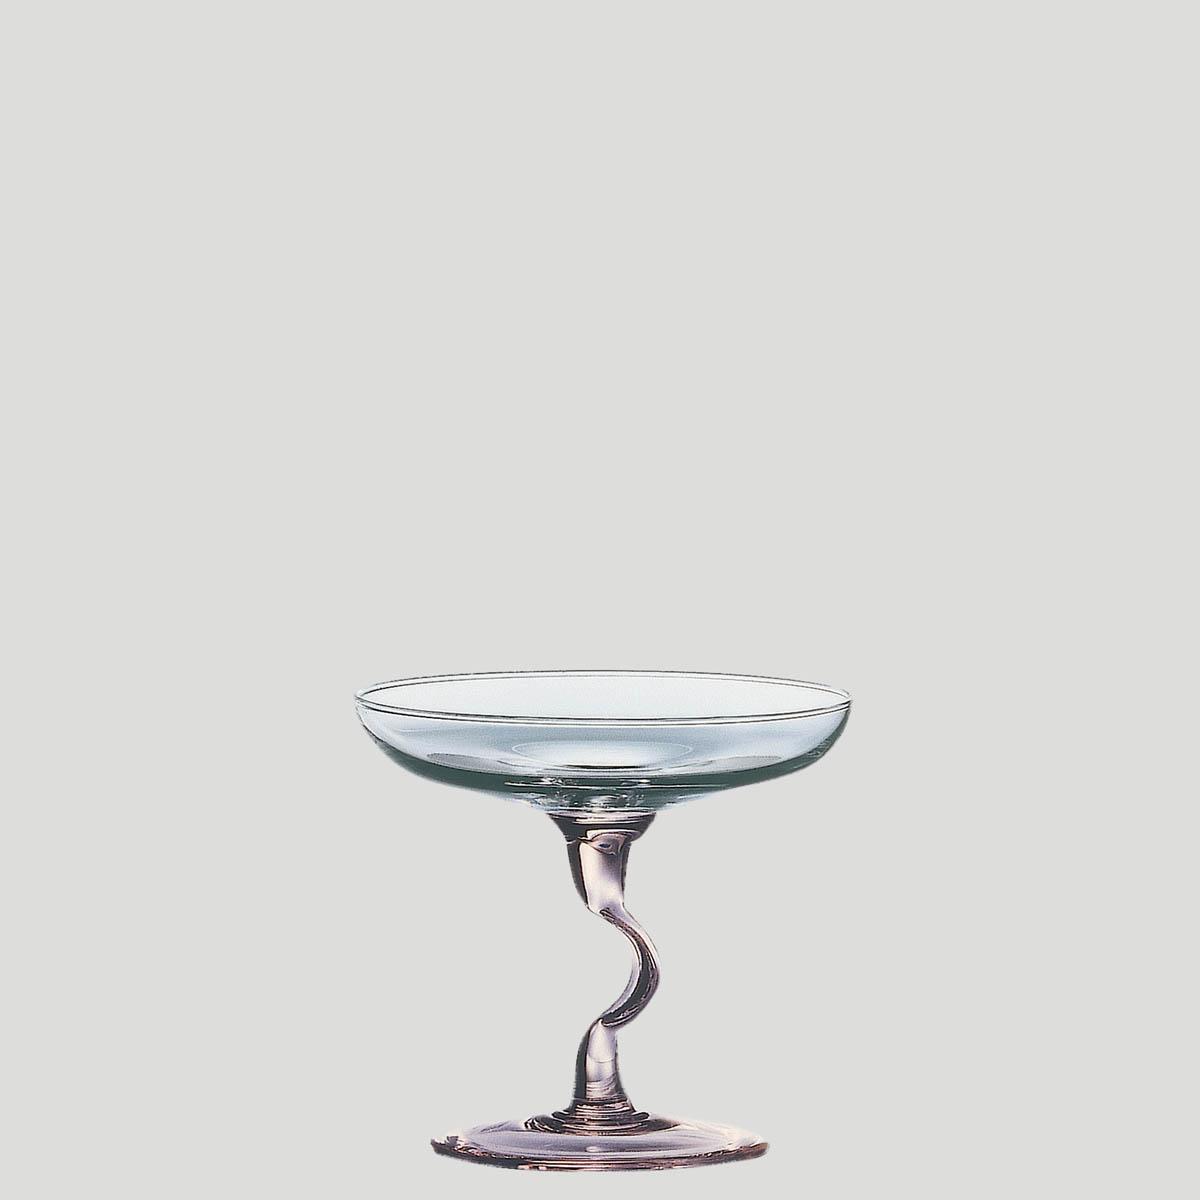 Tea media - Coppa per gelato in vetro - Gardagel